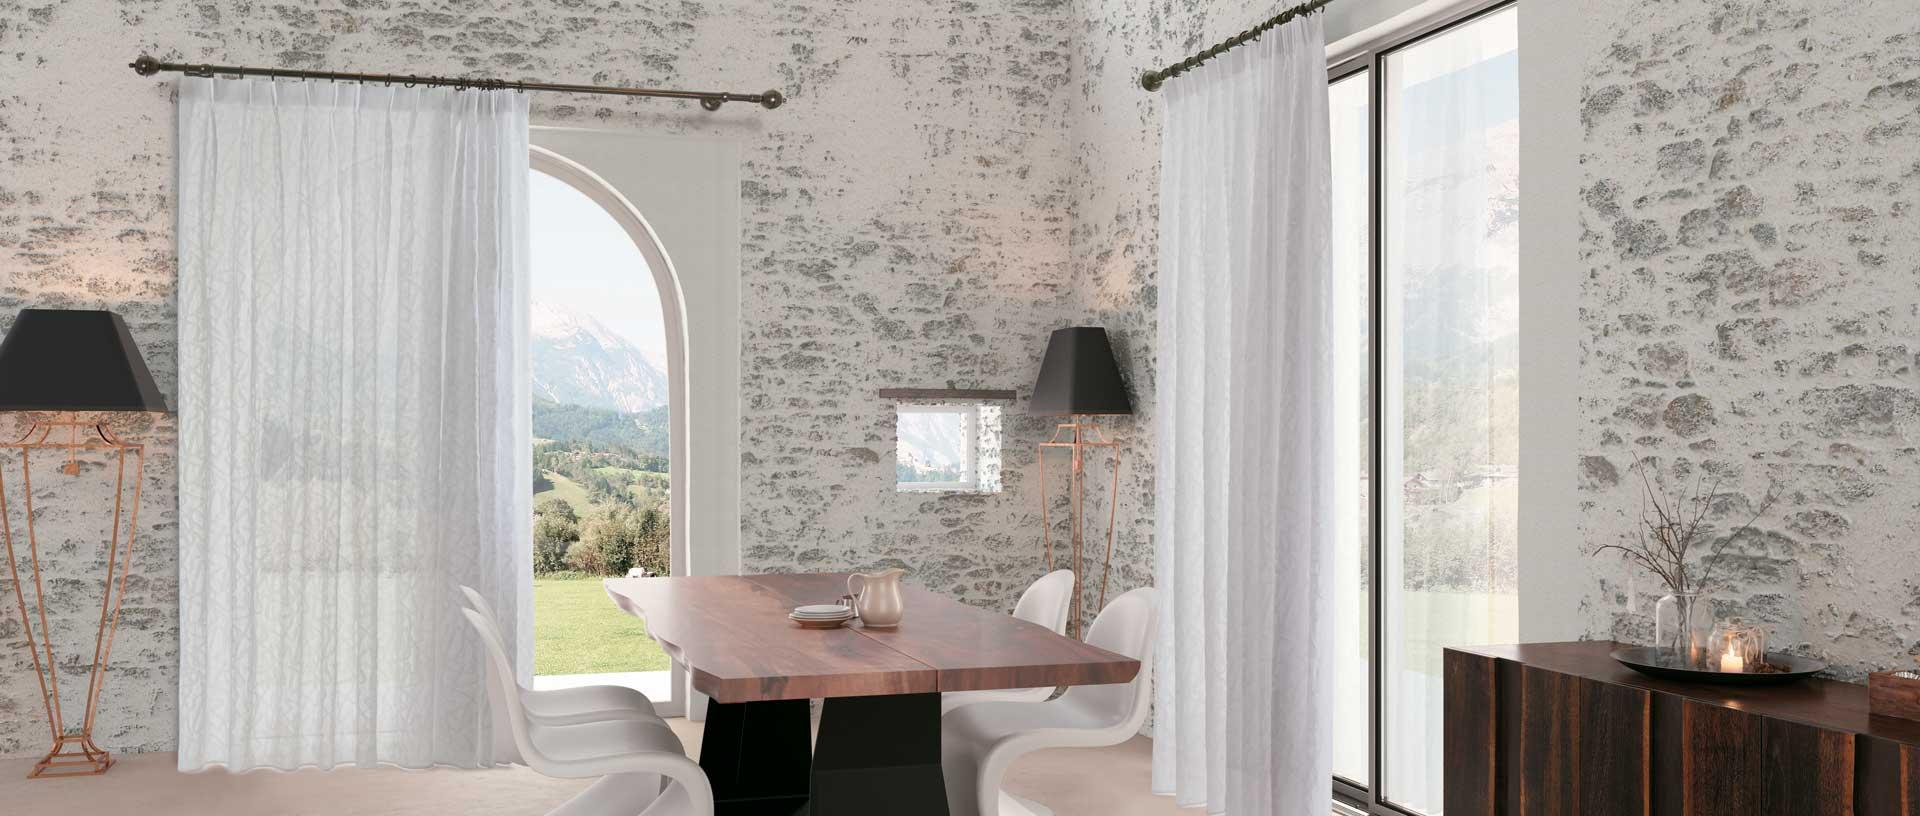 Tende a soffitto ikea idee di design nella vostra casa - Ikea bastoni per tende ...